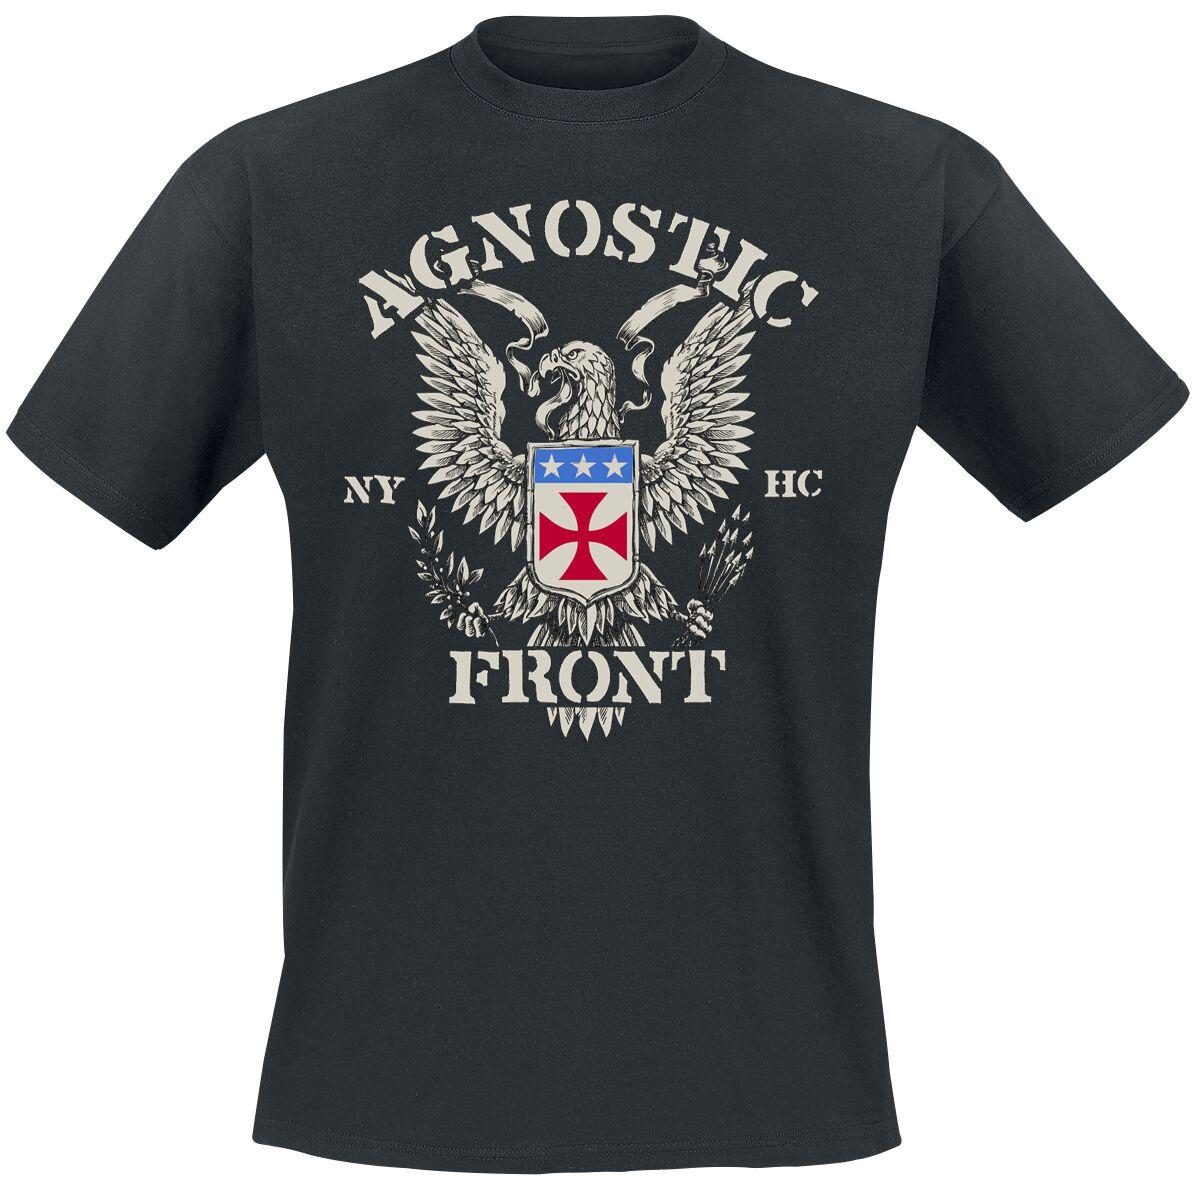 Image of Agnostic Front Eagle Crest T-Shirt schwarz